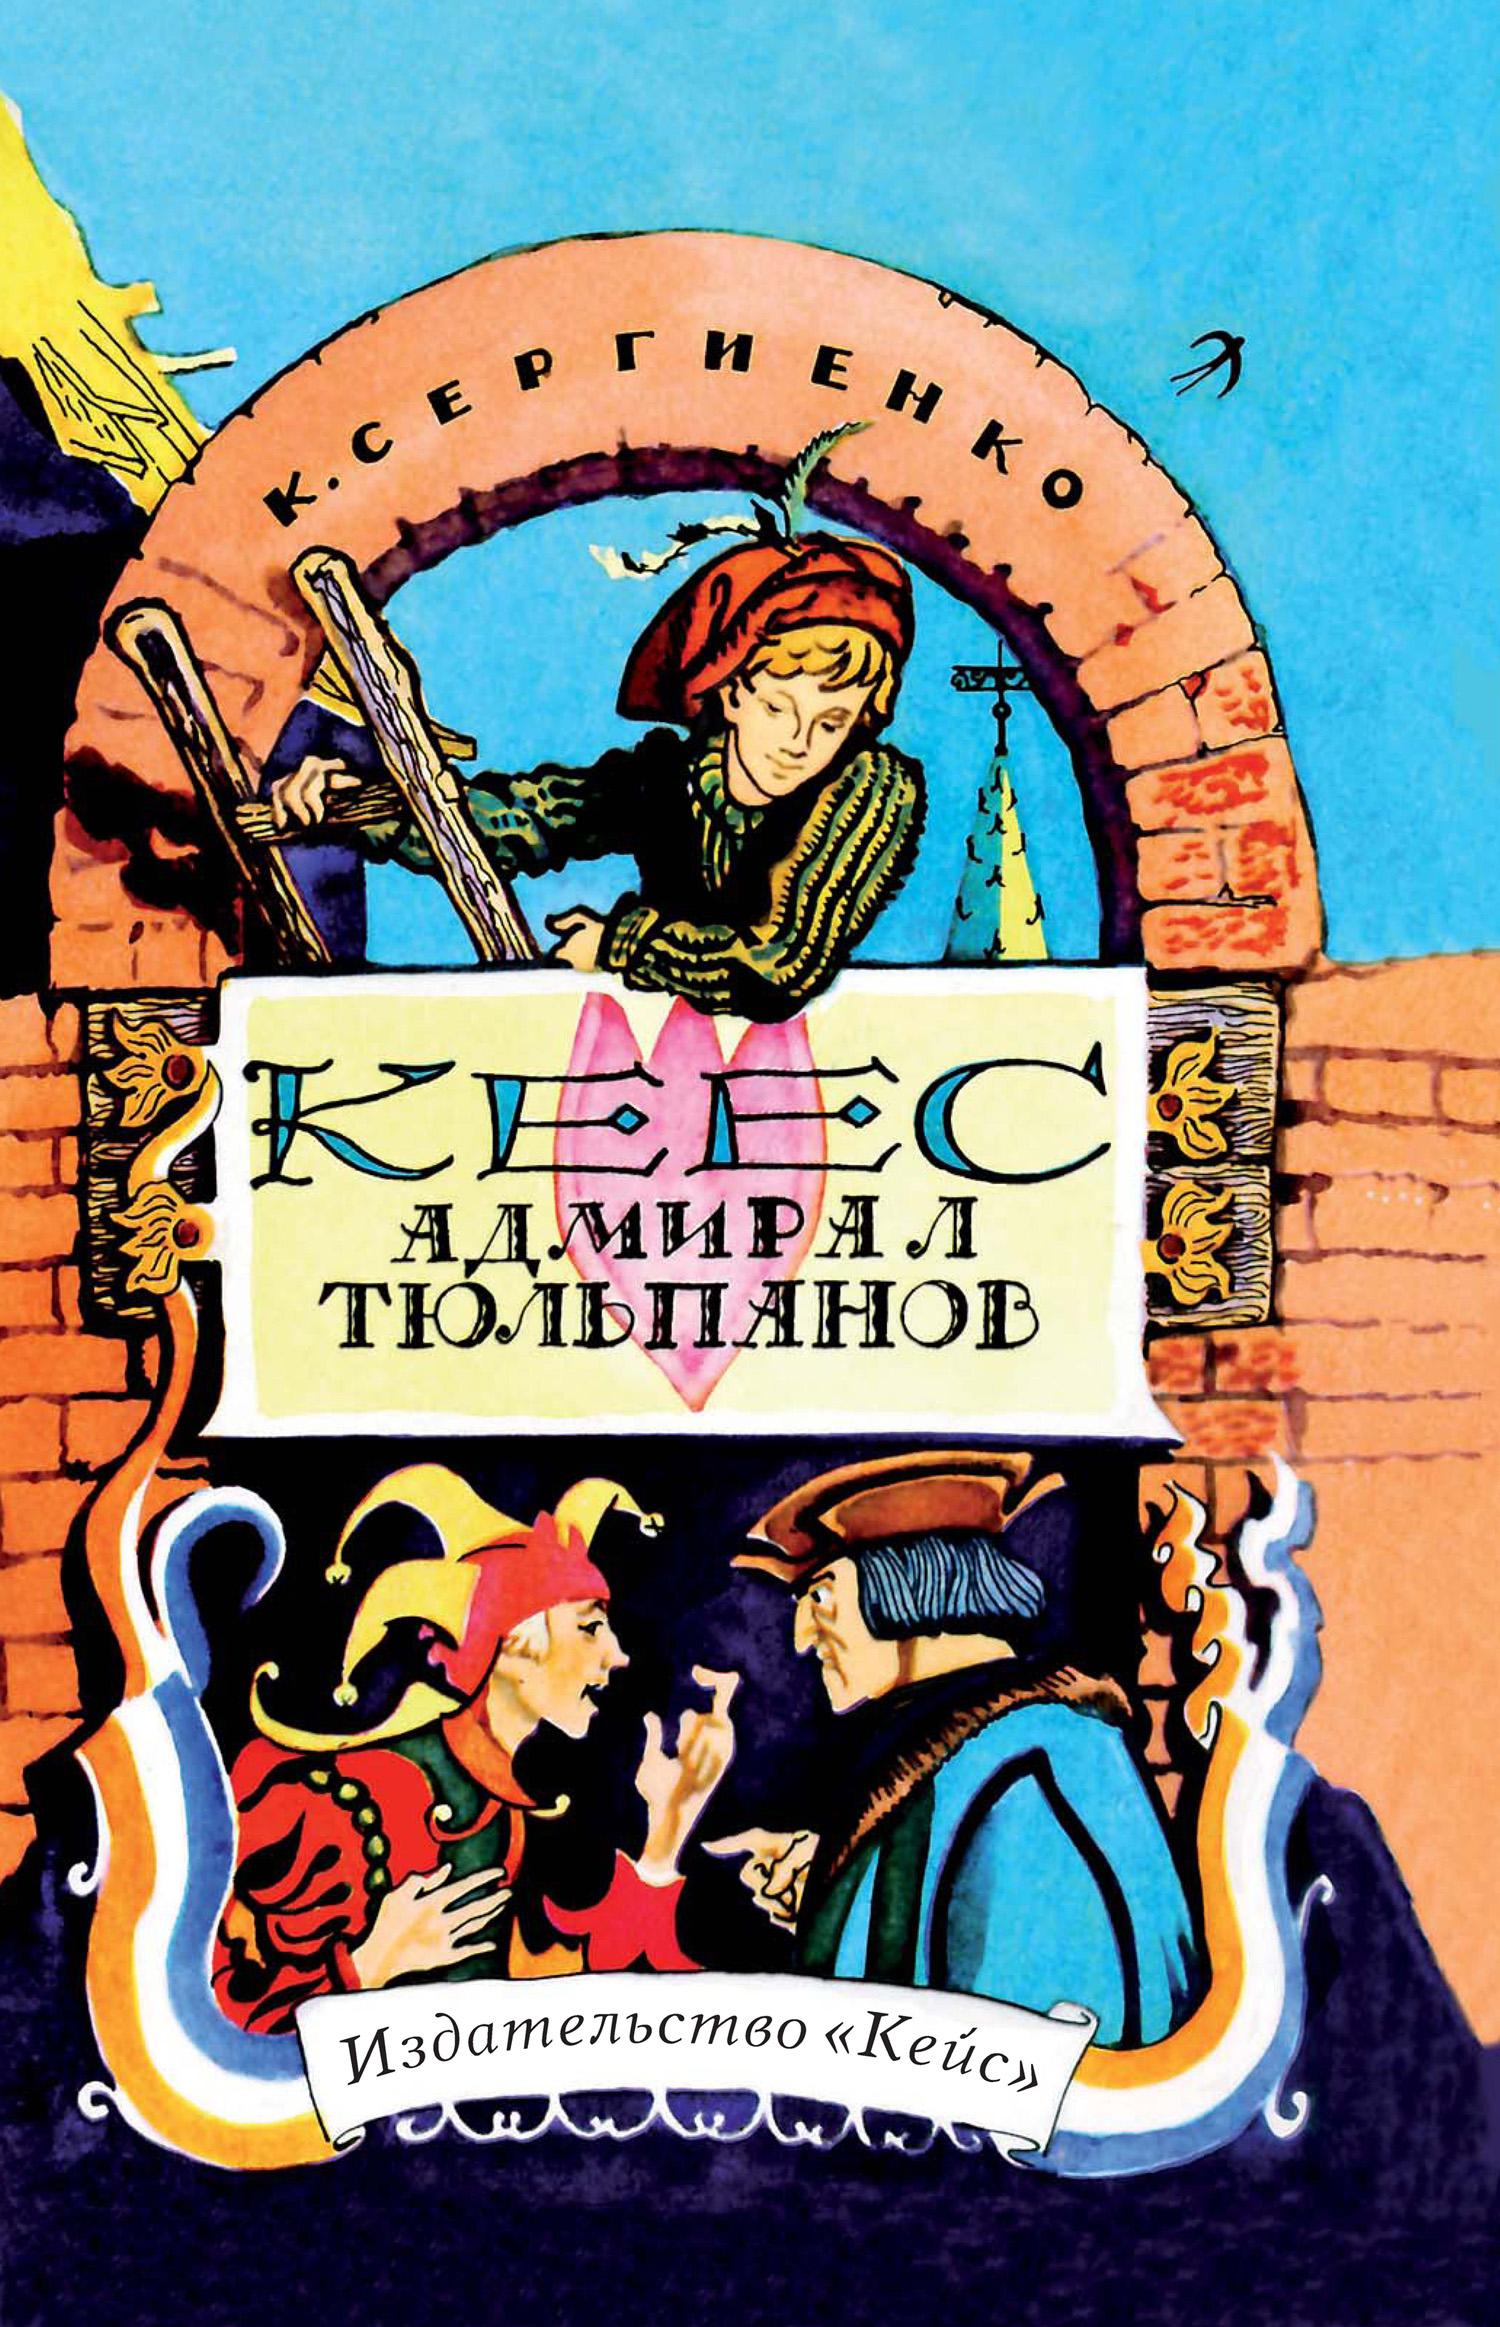 Кеес Адмирал Тюльпанов. Опасные и забавные приключения юного лейденца, а также его друзей, рассказанные им самим без хвастовства и утайки